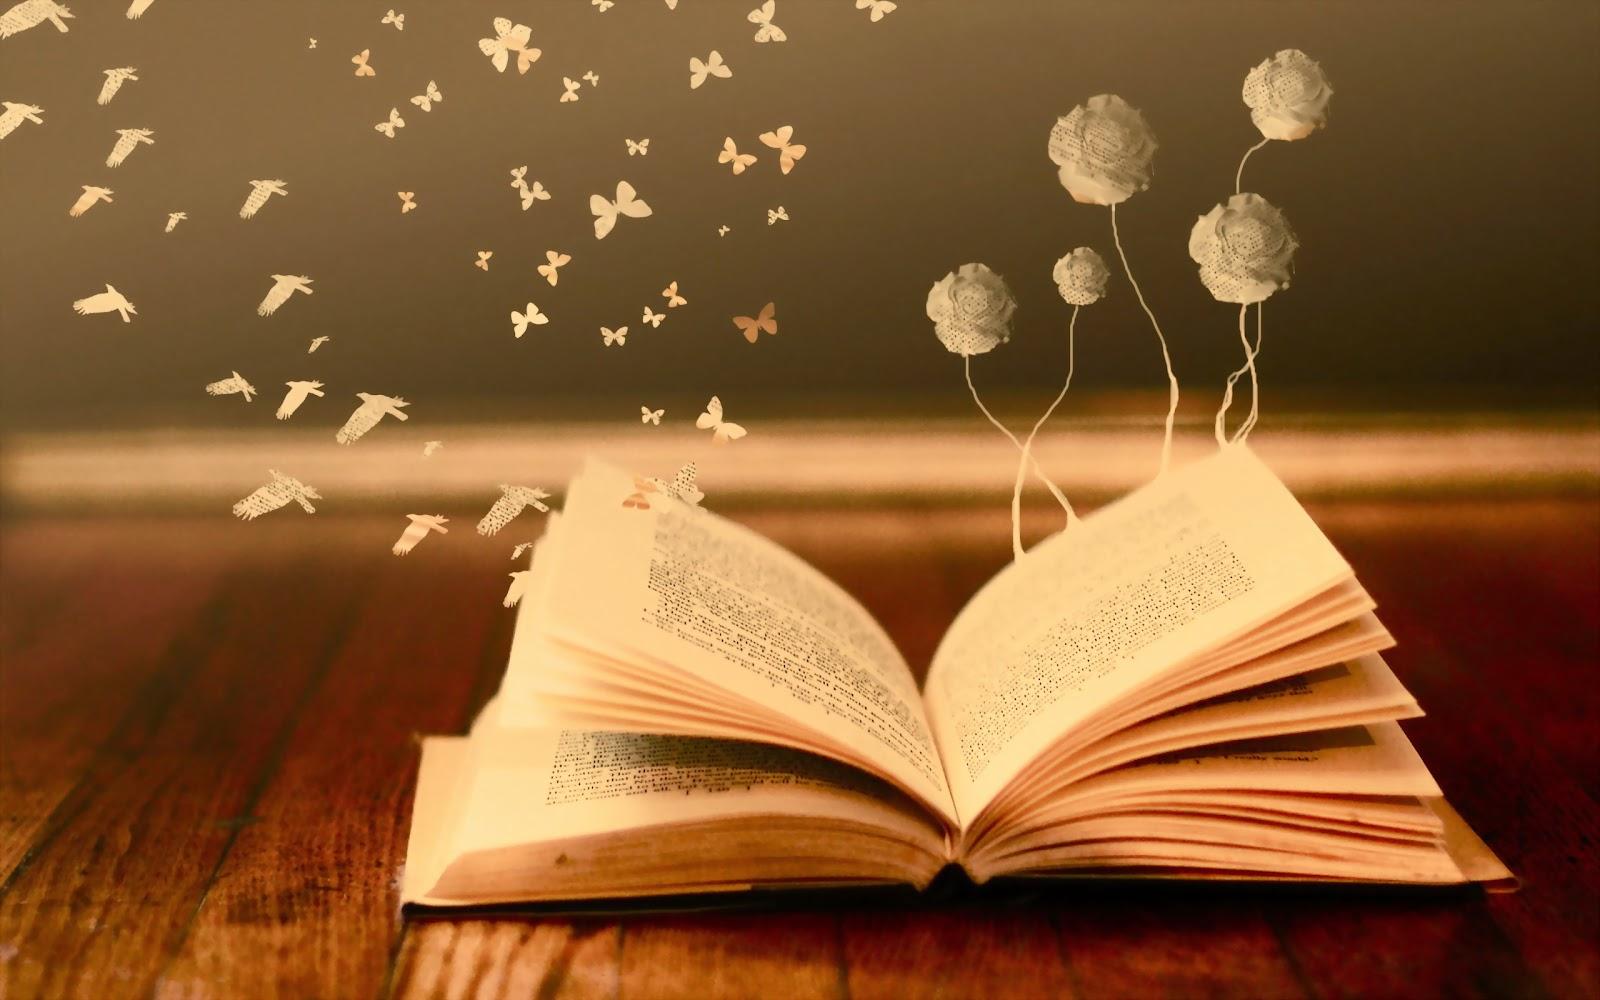 Самые лучшие книги из прочитанных на Литнет - БлогЯна Долидзе